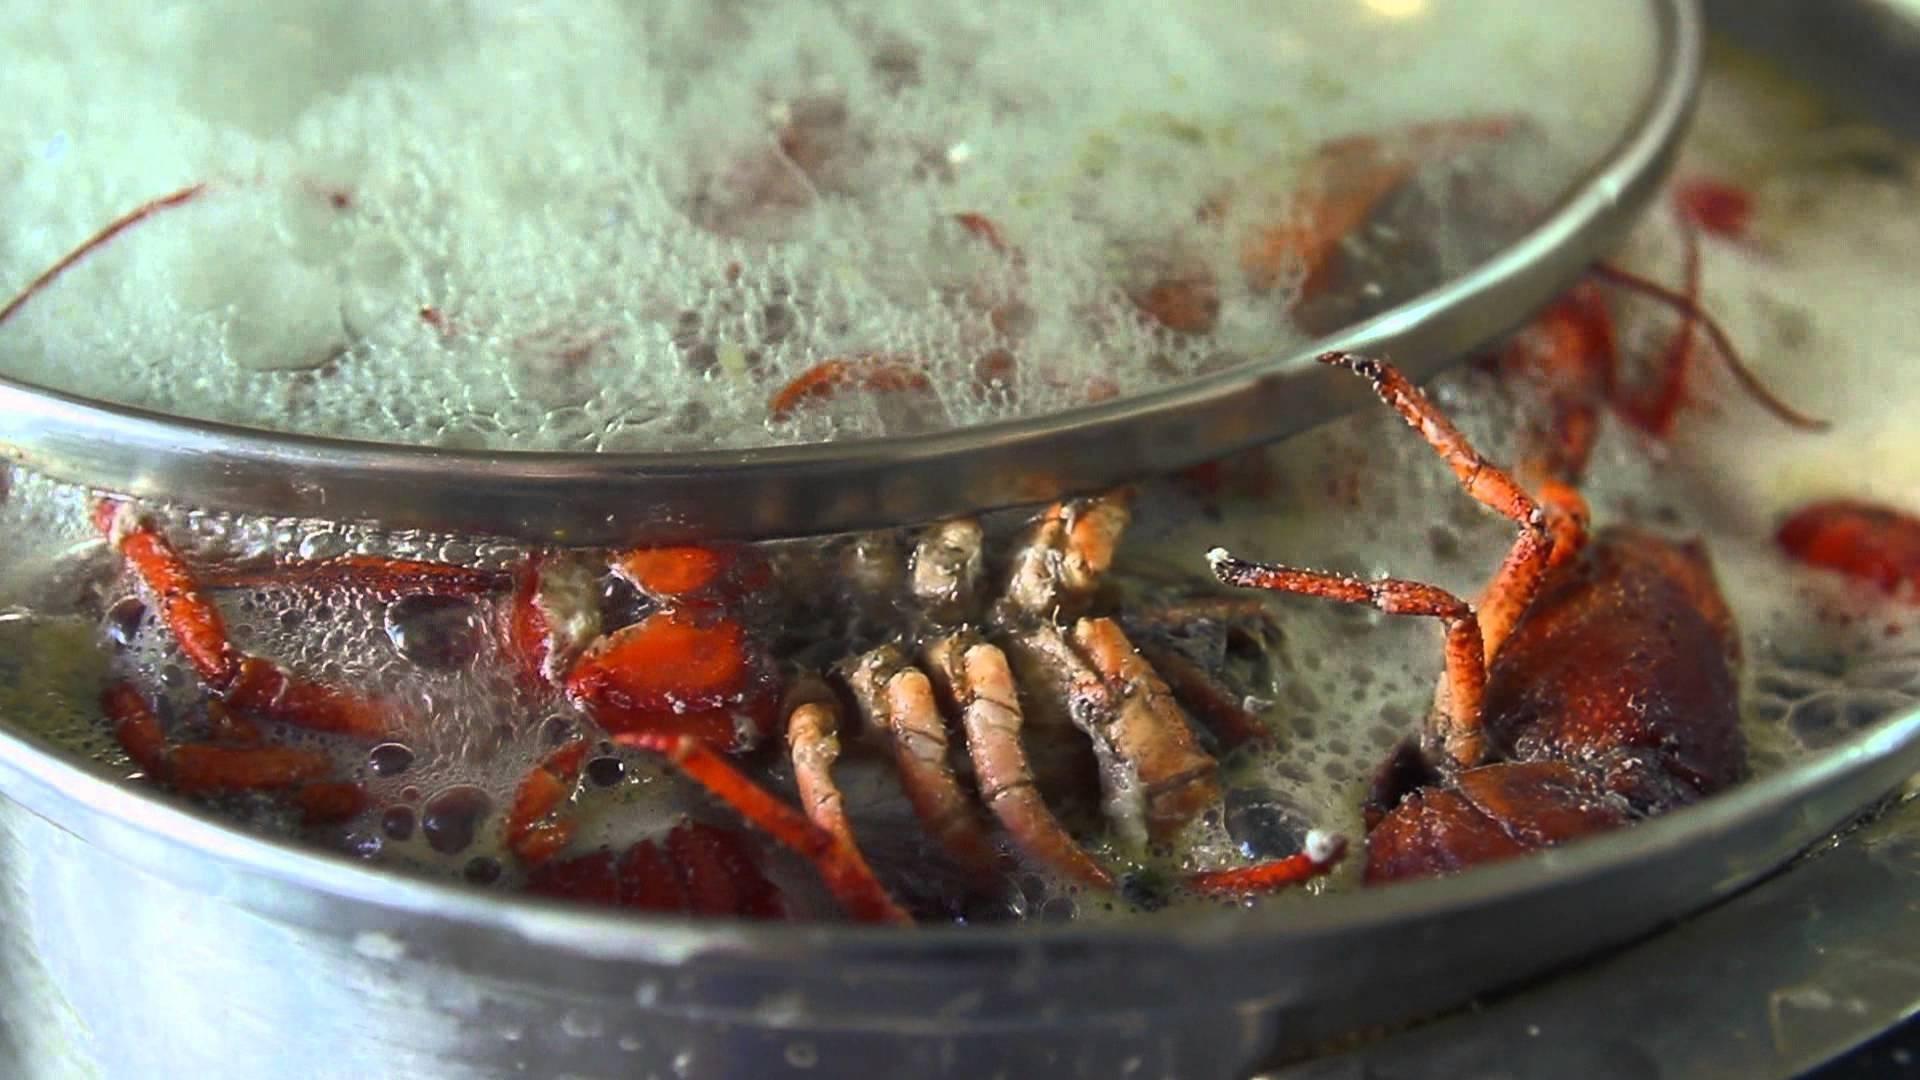 Как вкусно сварить раков к пиву: лучшие рецепты, секреты приготовления - truehunter.ru